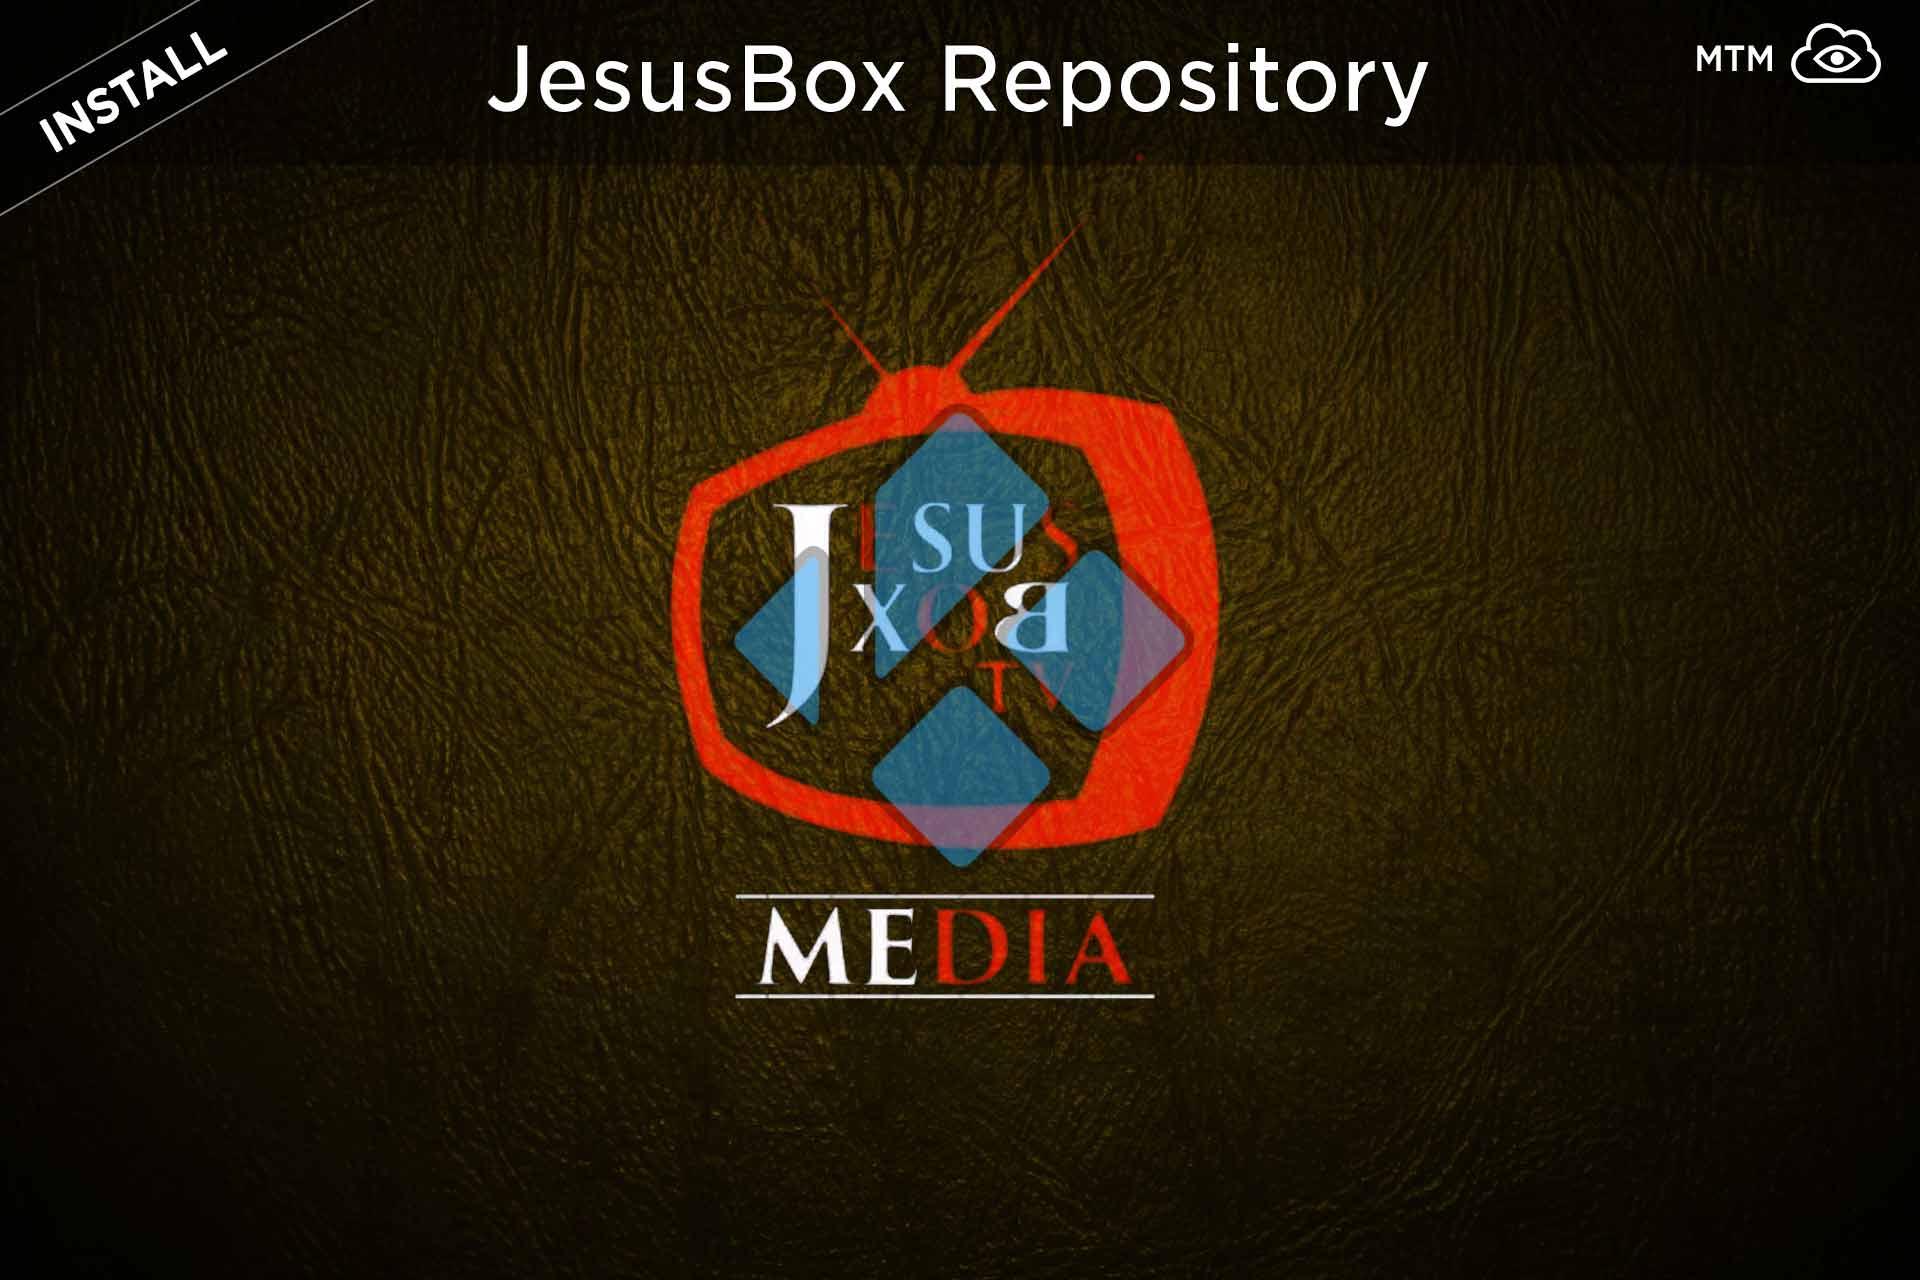 Jesus Box Kodi Biltegia ez dabil | JesusBox Repo Down 2018